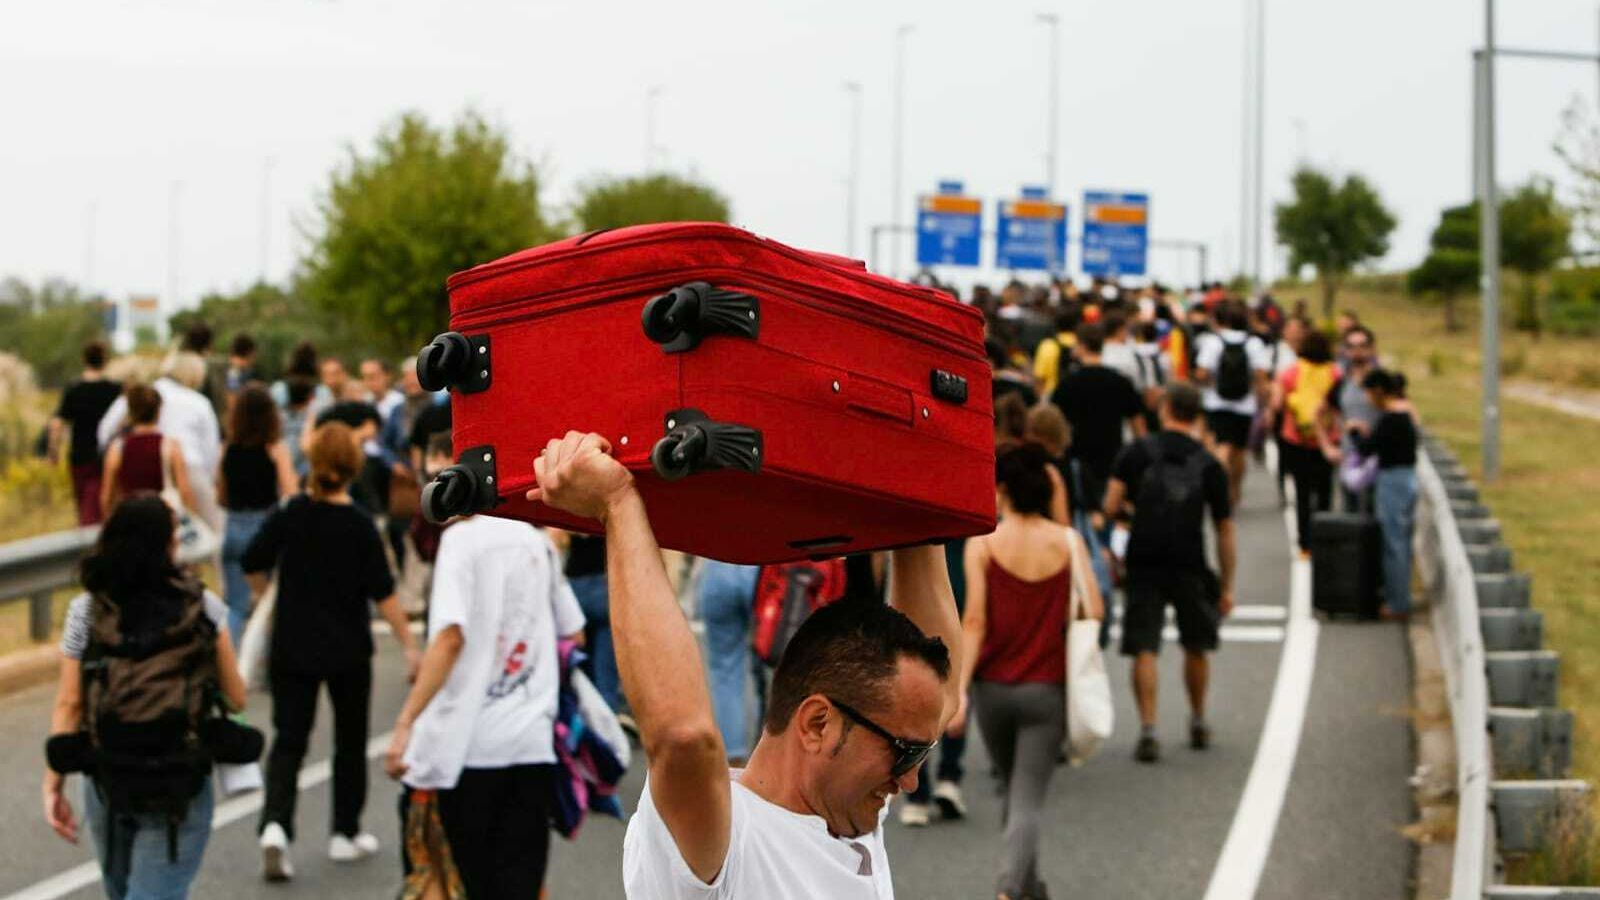 Turistes intentant agafar taxis que es barregen amb manifestants que van cap a la T1